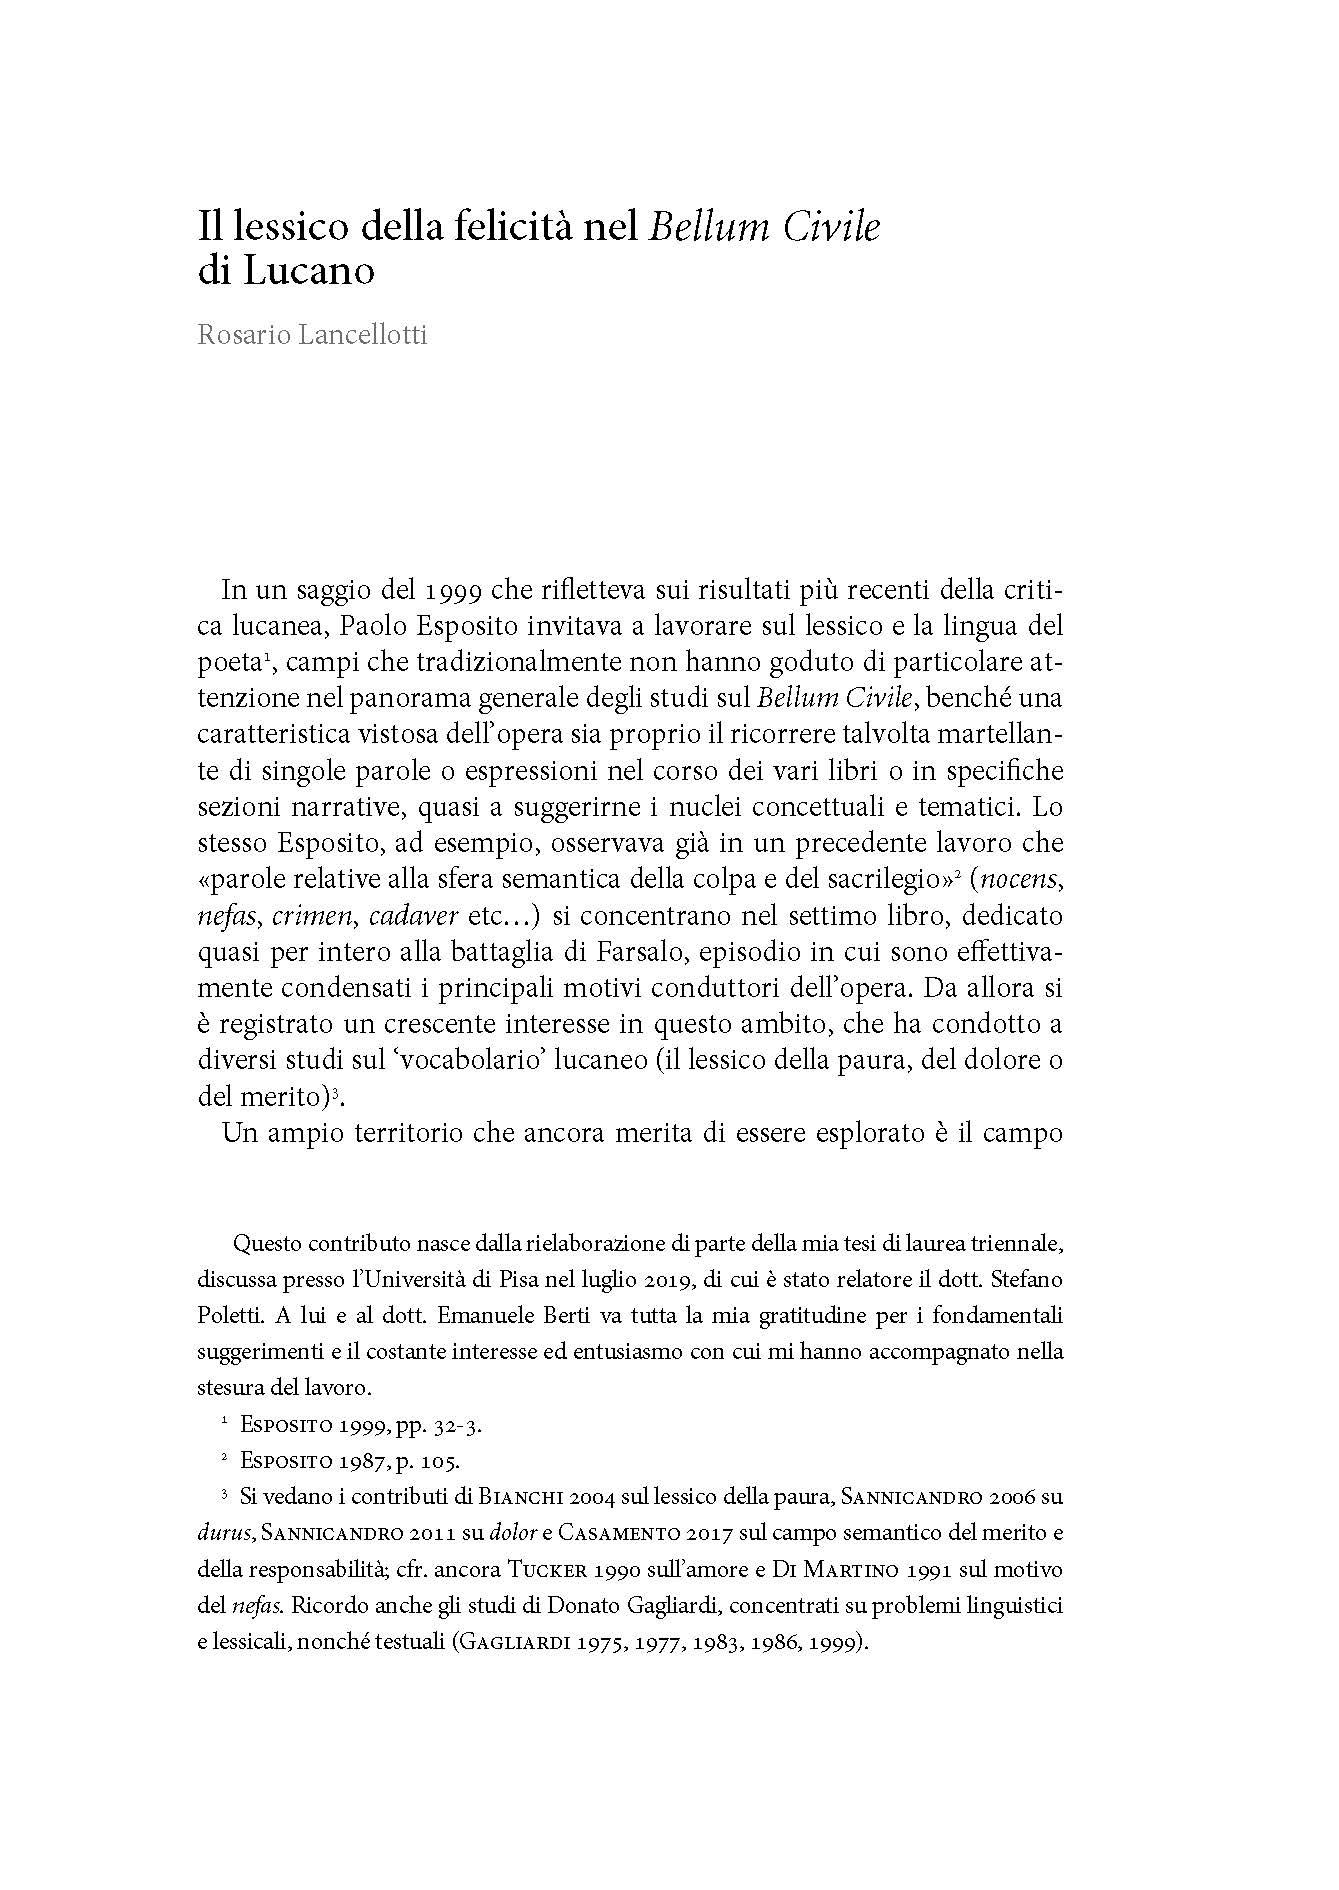 Il lessico della felicità nel Bellum civile di Lucano